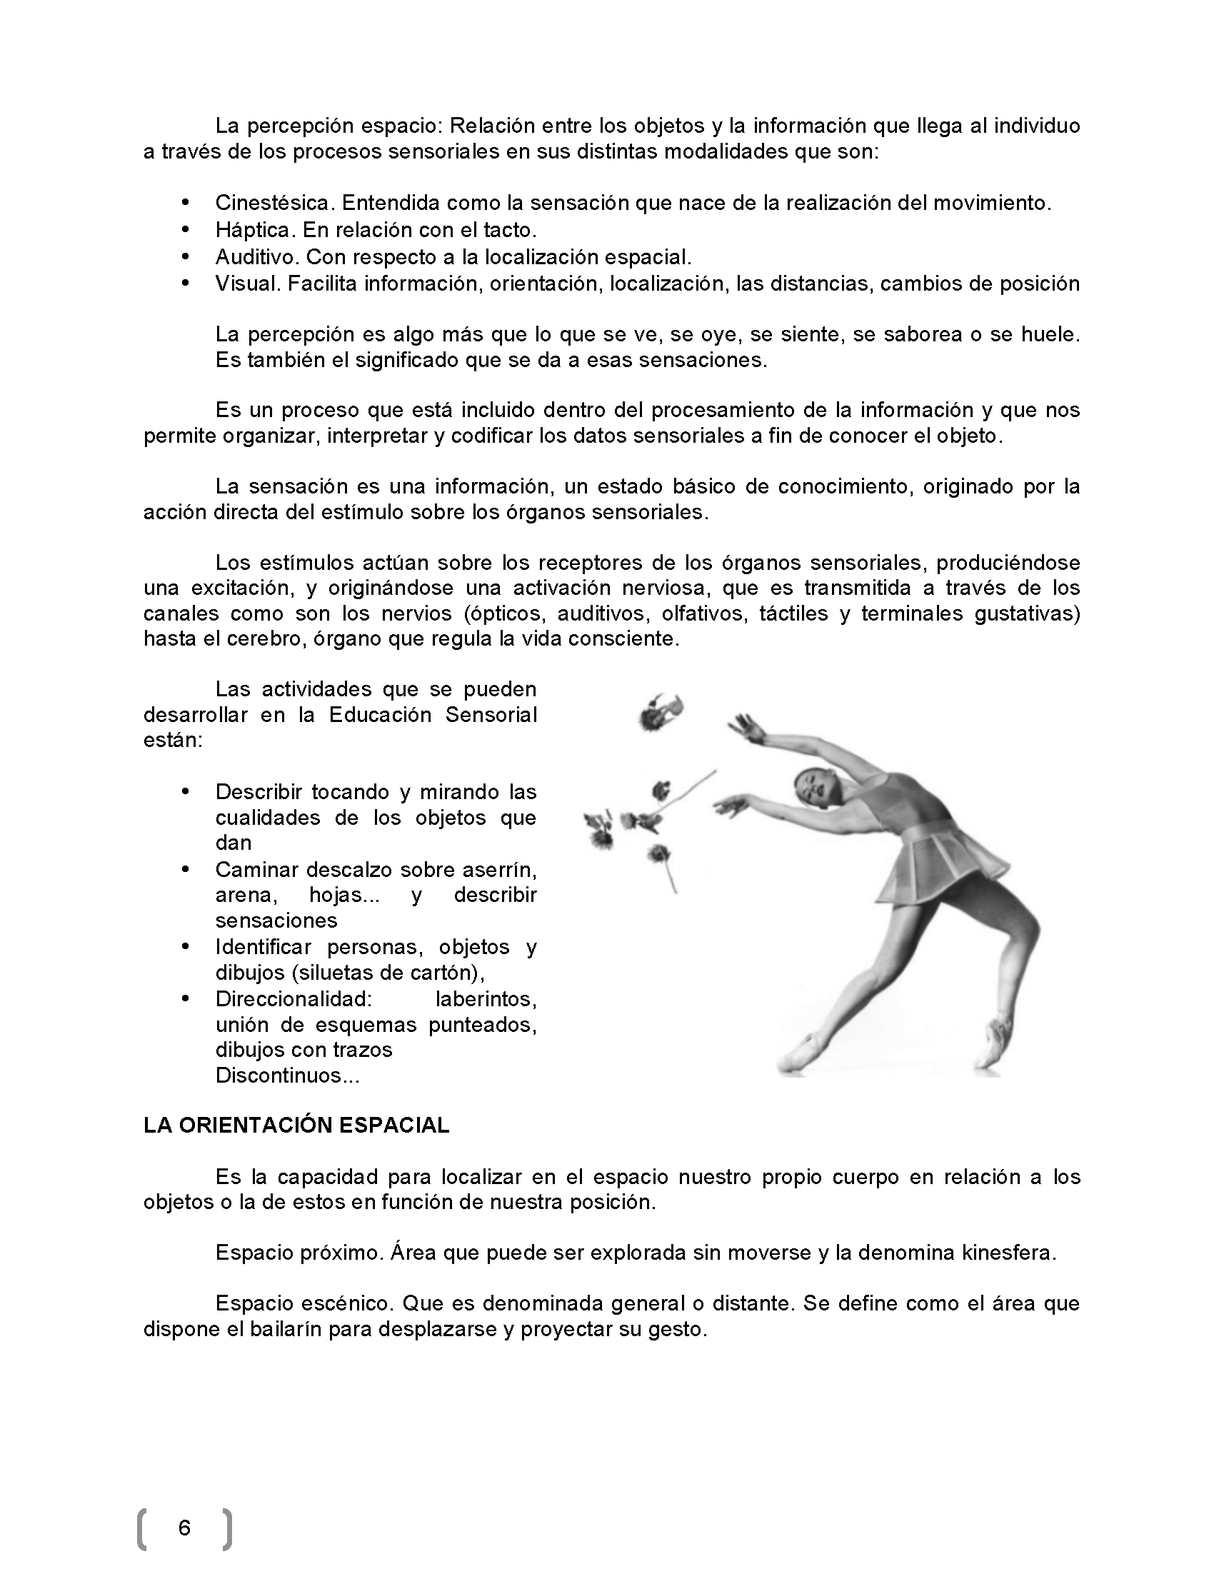 Danza - CALAMEO Downloader